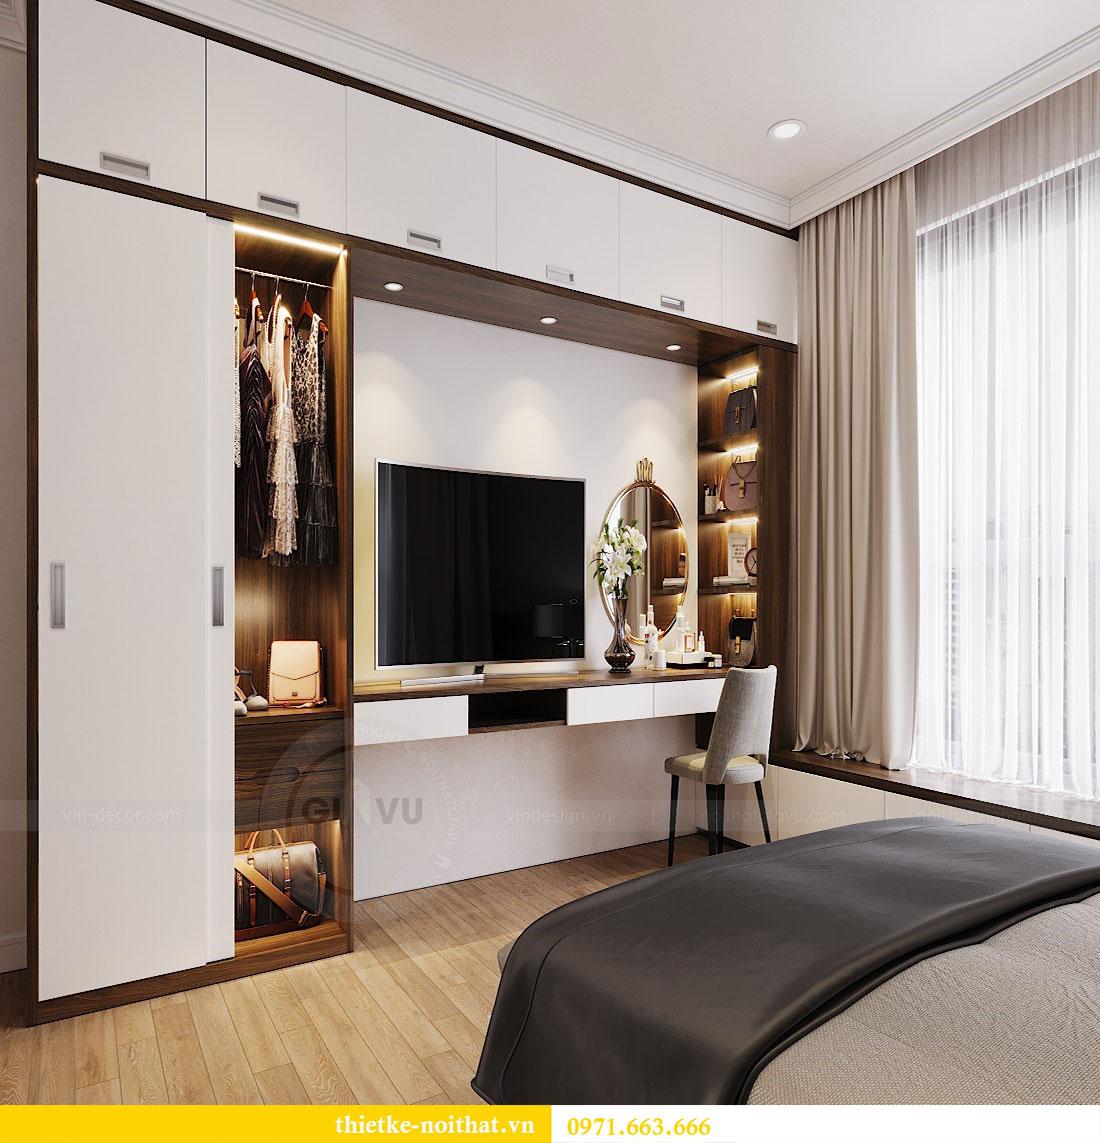 Thiết kế chung cư Seasons Avenue căn 01 tòa S3 - Anh Bách 14